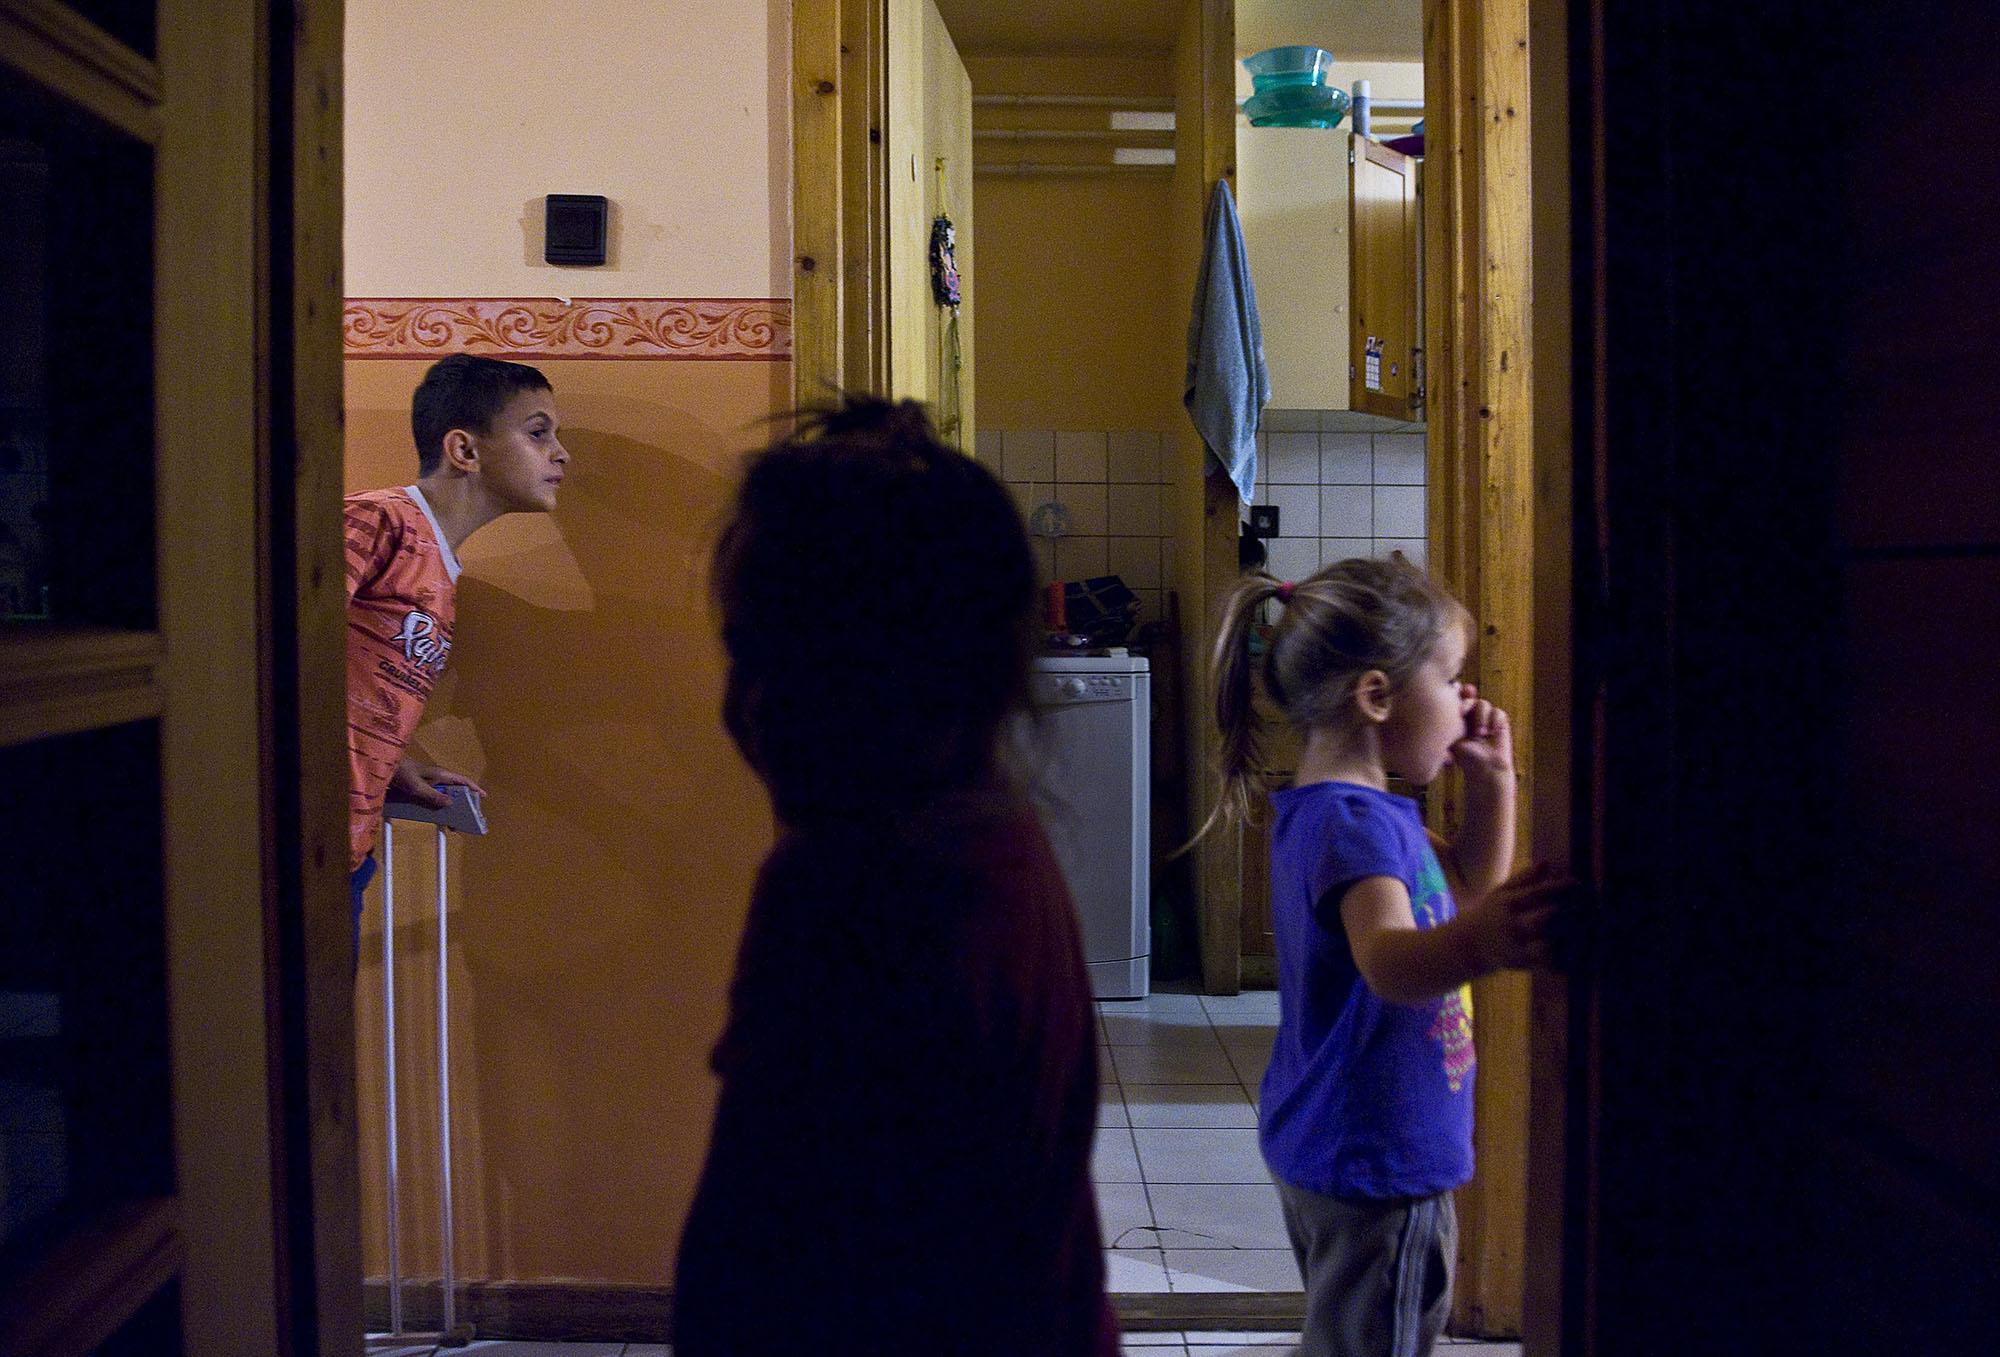 Gyerekek néznek be a folyosóról a konyhába vacsora előtt az SOS Gyermekfalu Magyarországi Alapítványának kecskeméti gyermekfalujában (fotó: MTI/Ujvári Sándor)